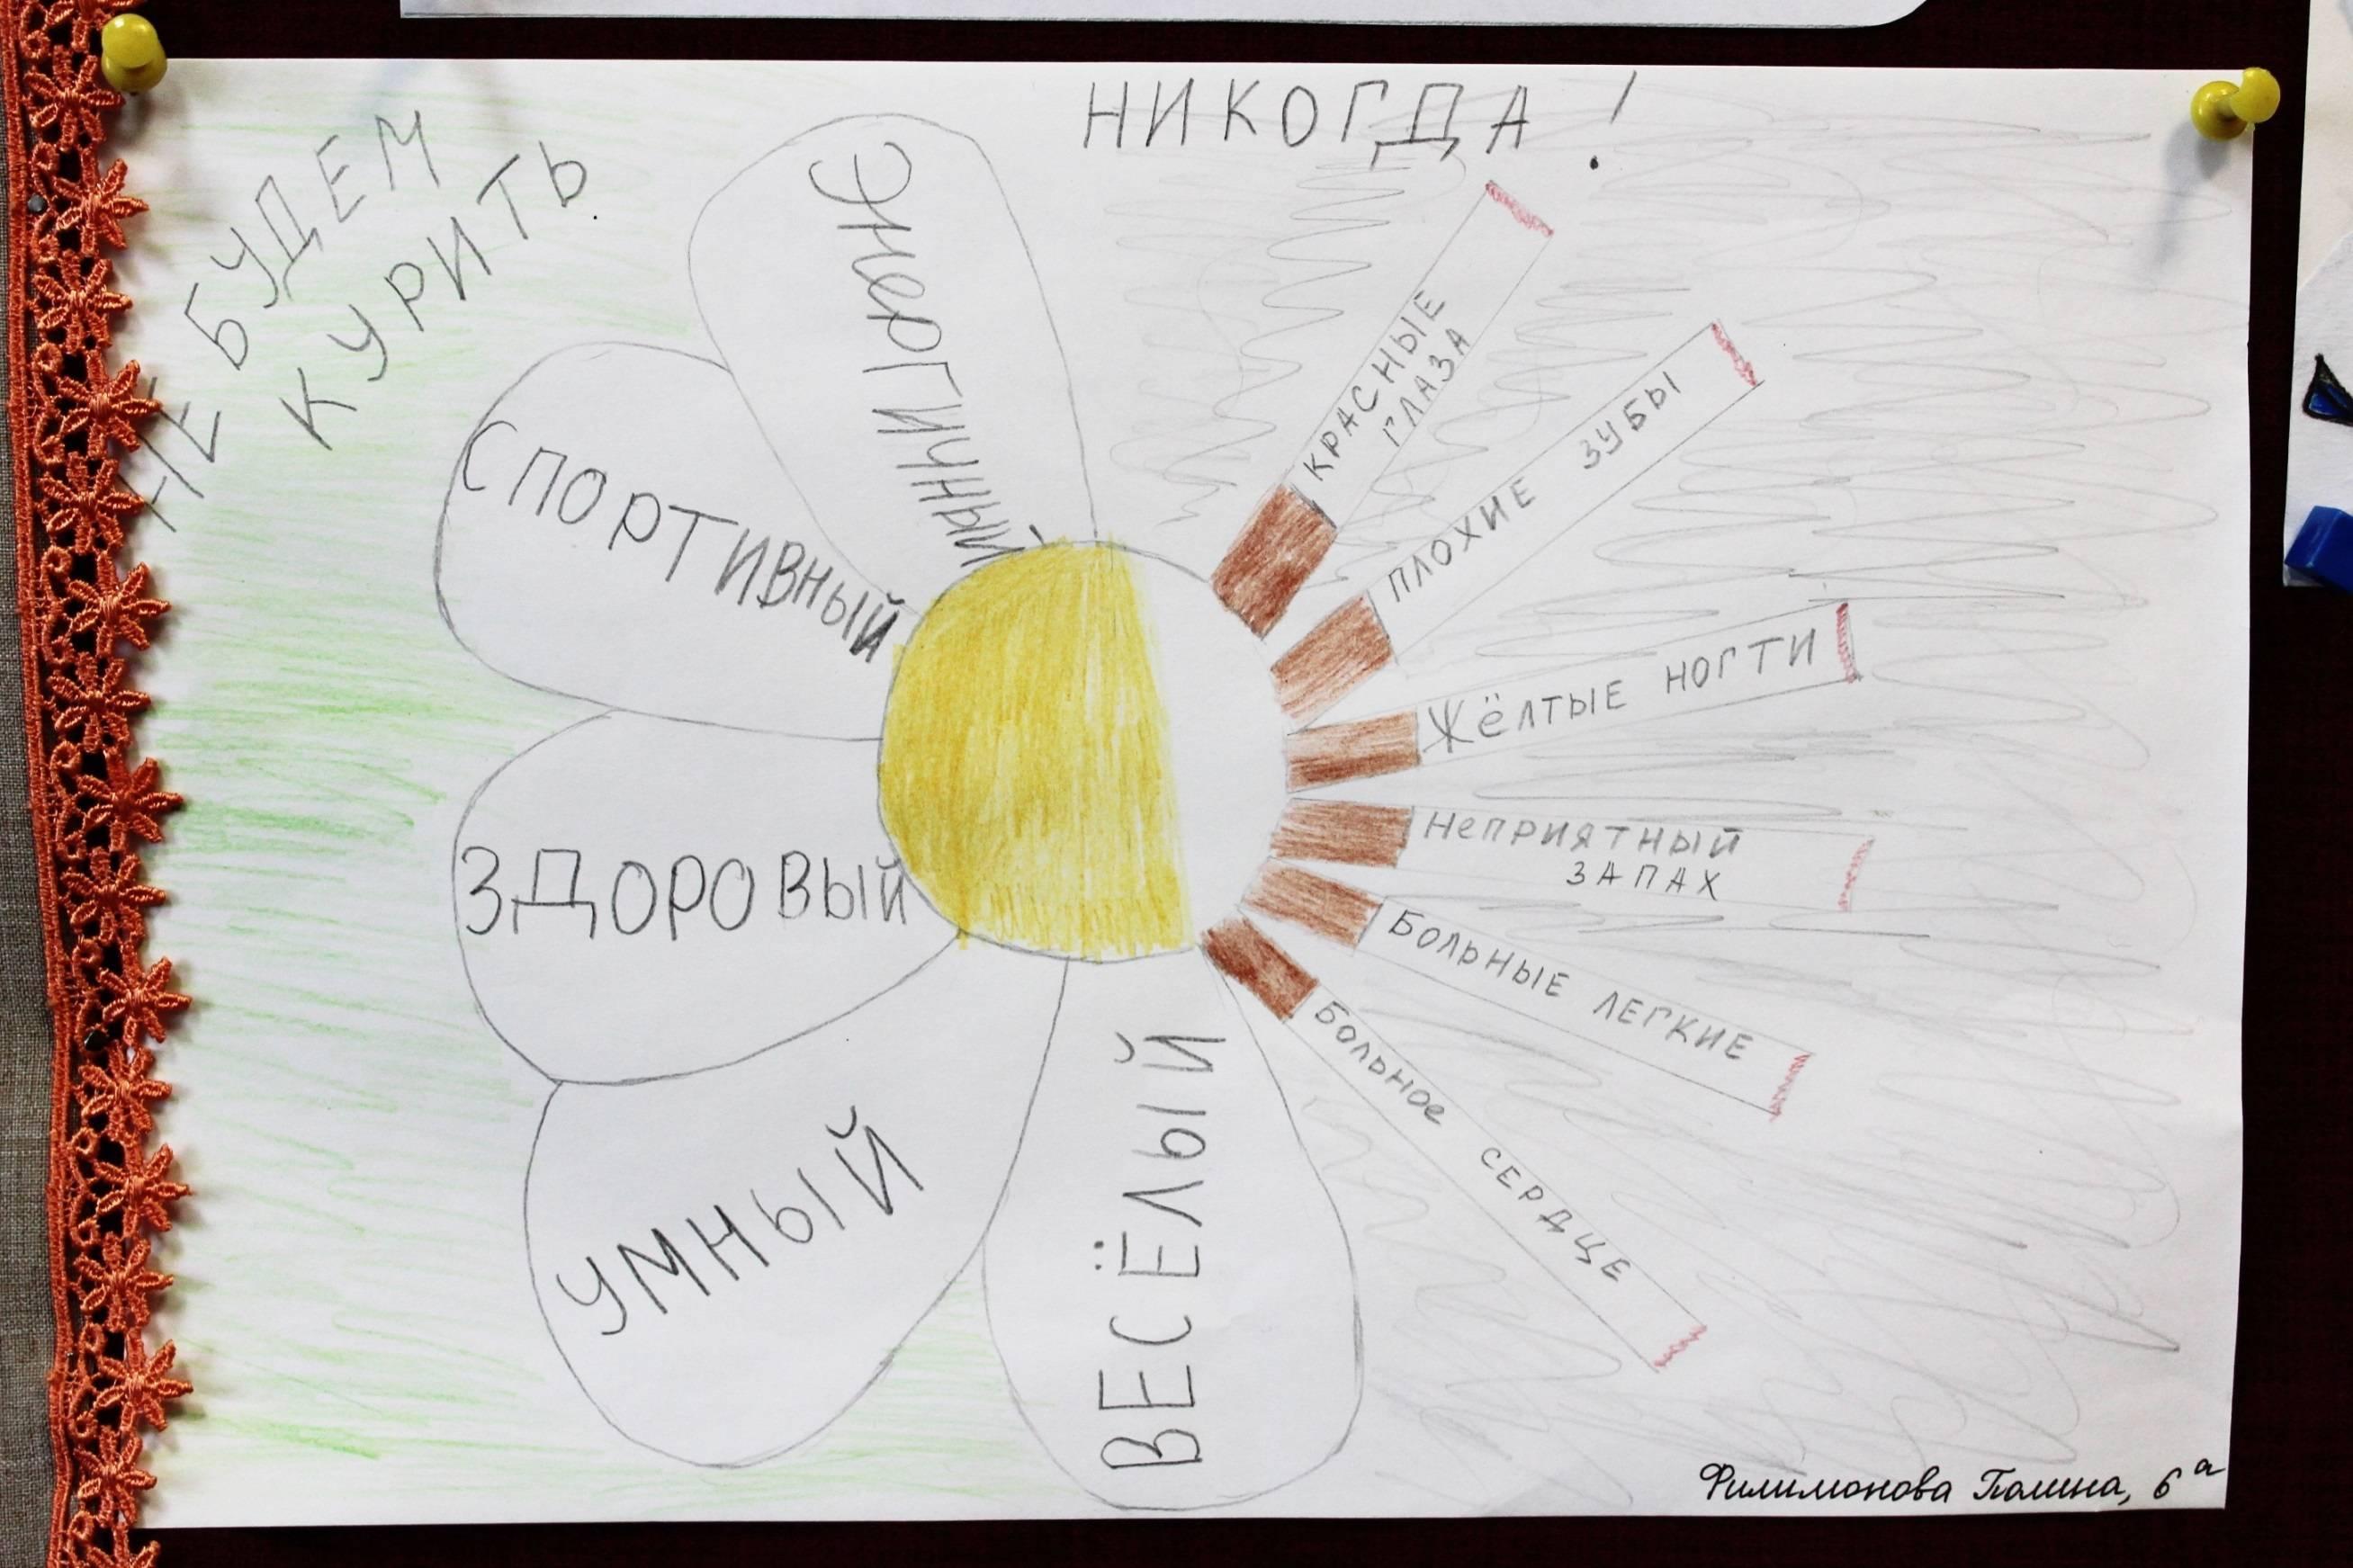 Картинки о вреде курения для школьников